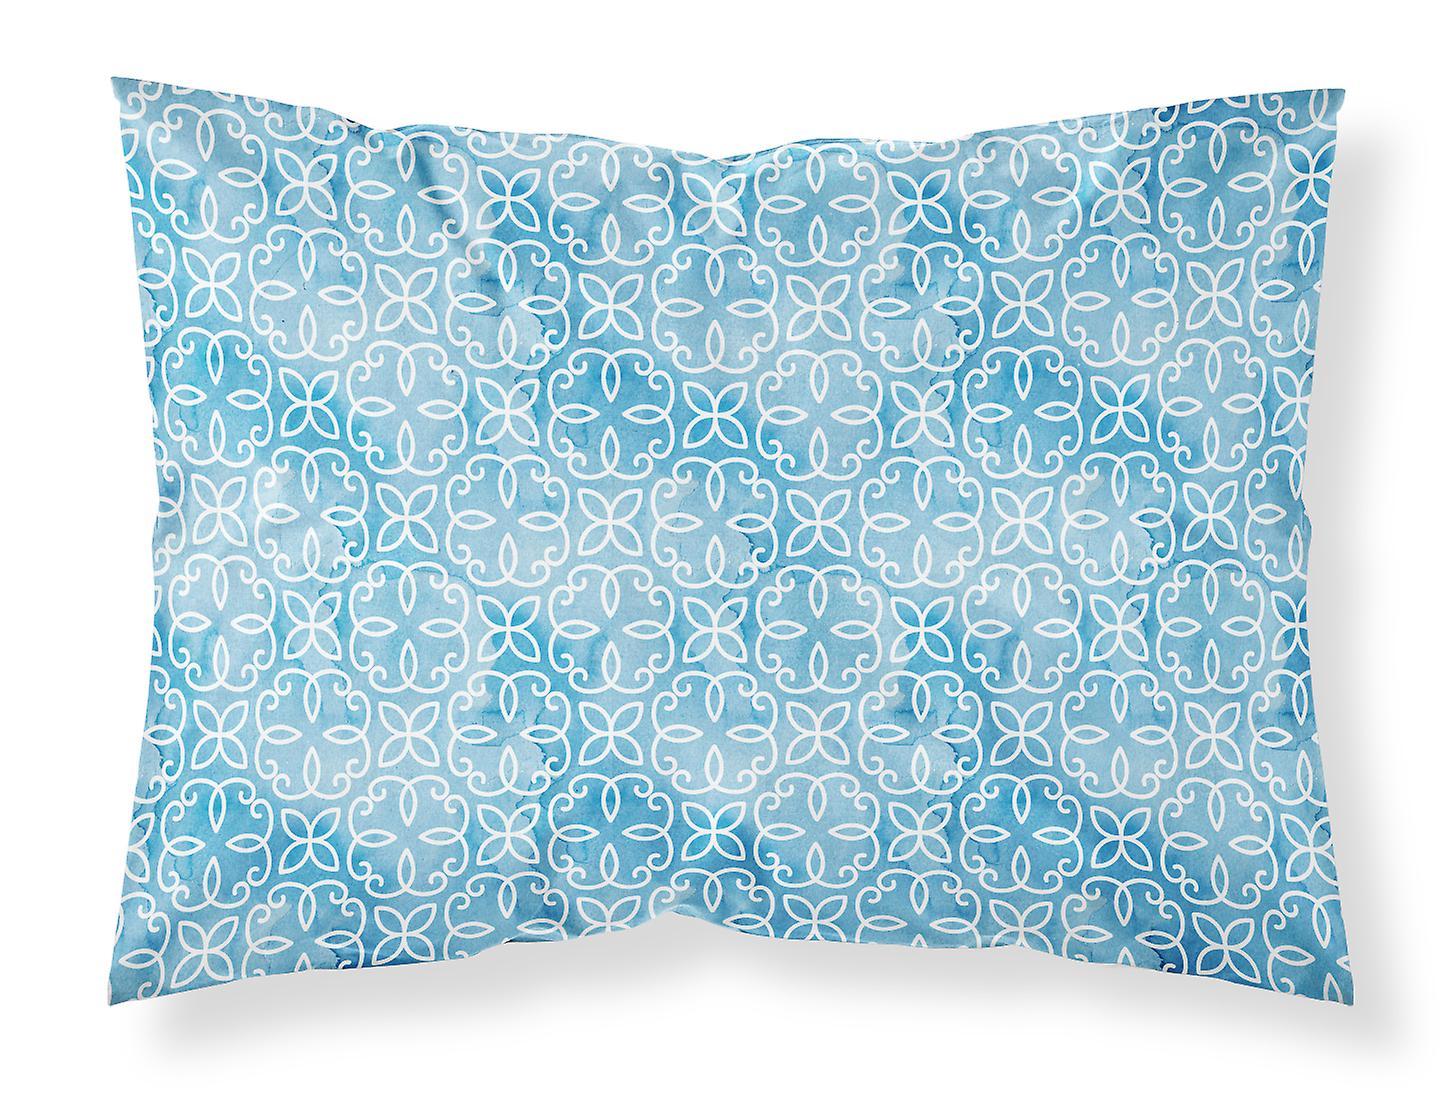 D'oreiller Standard Aquarelle Bleu Tissu Sur Taie Géométrique Cirlce sthQxCordB